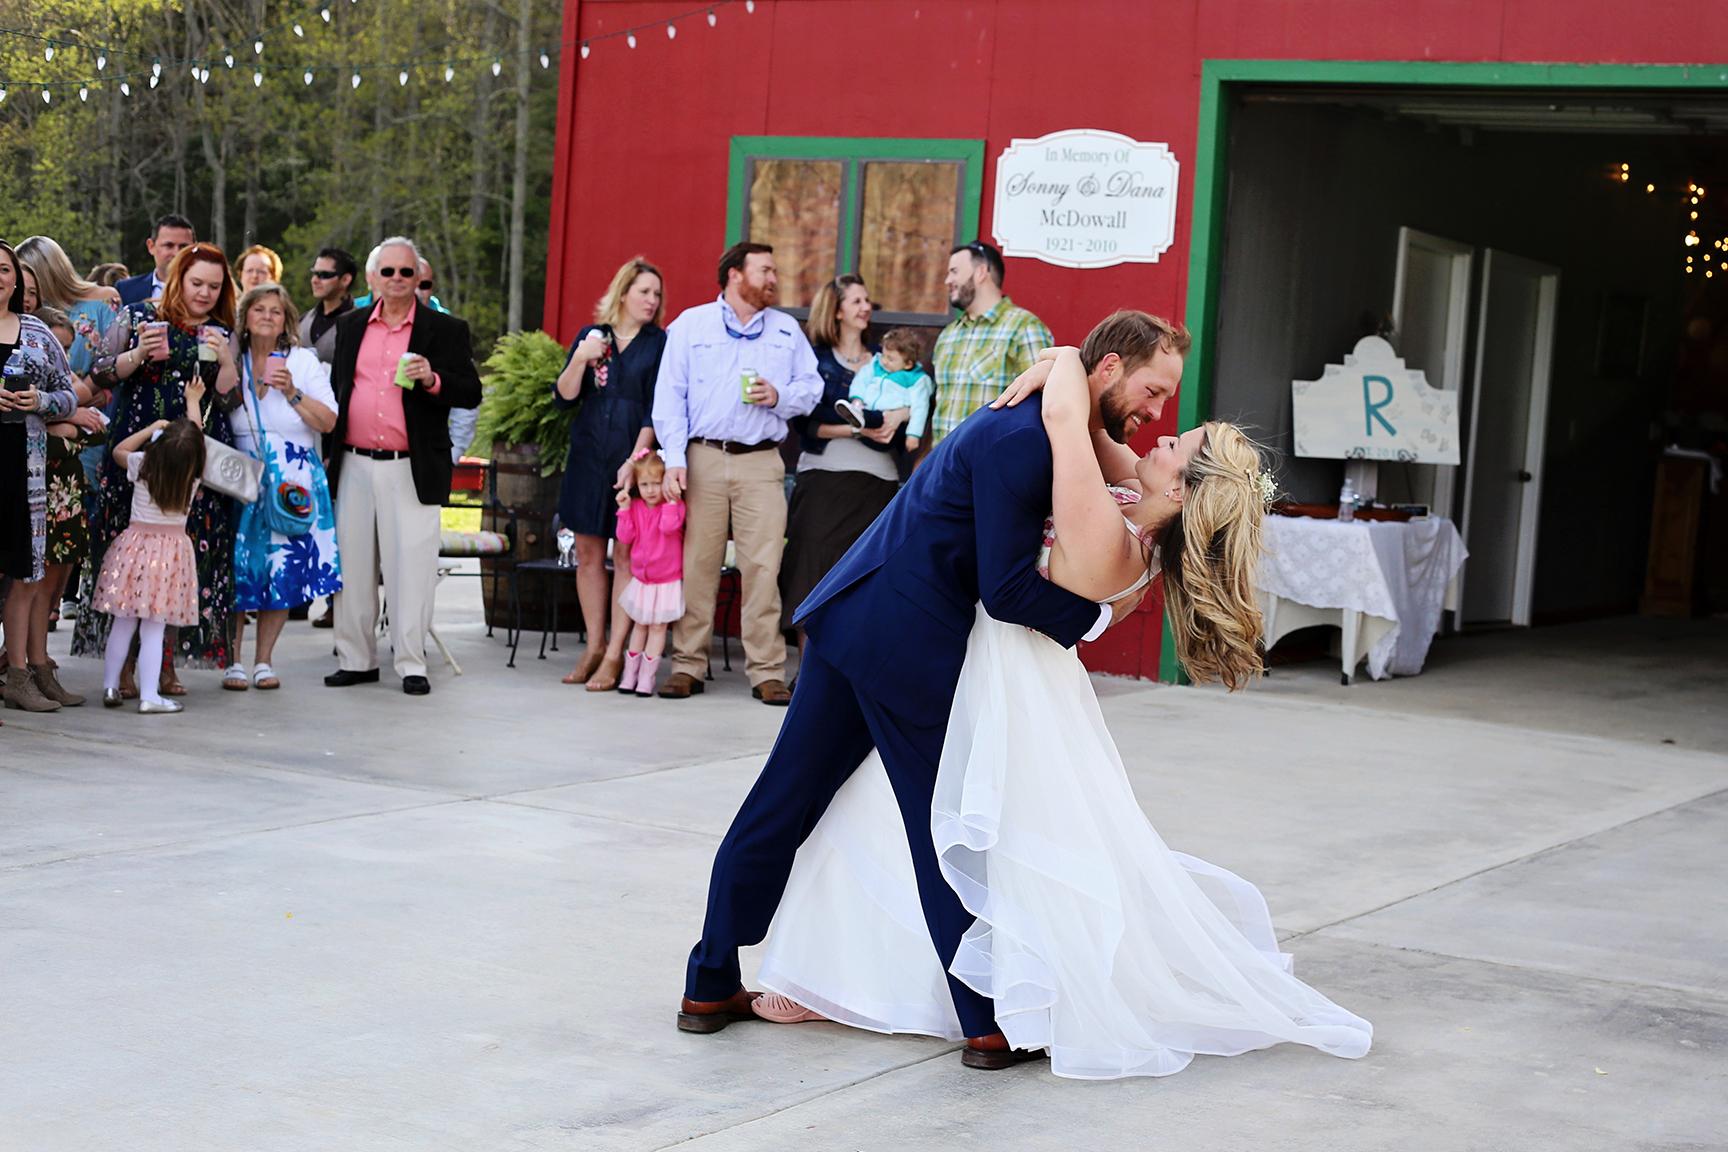 Radtke Wedding